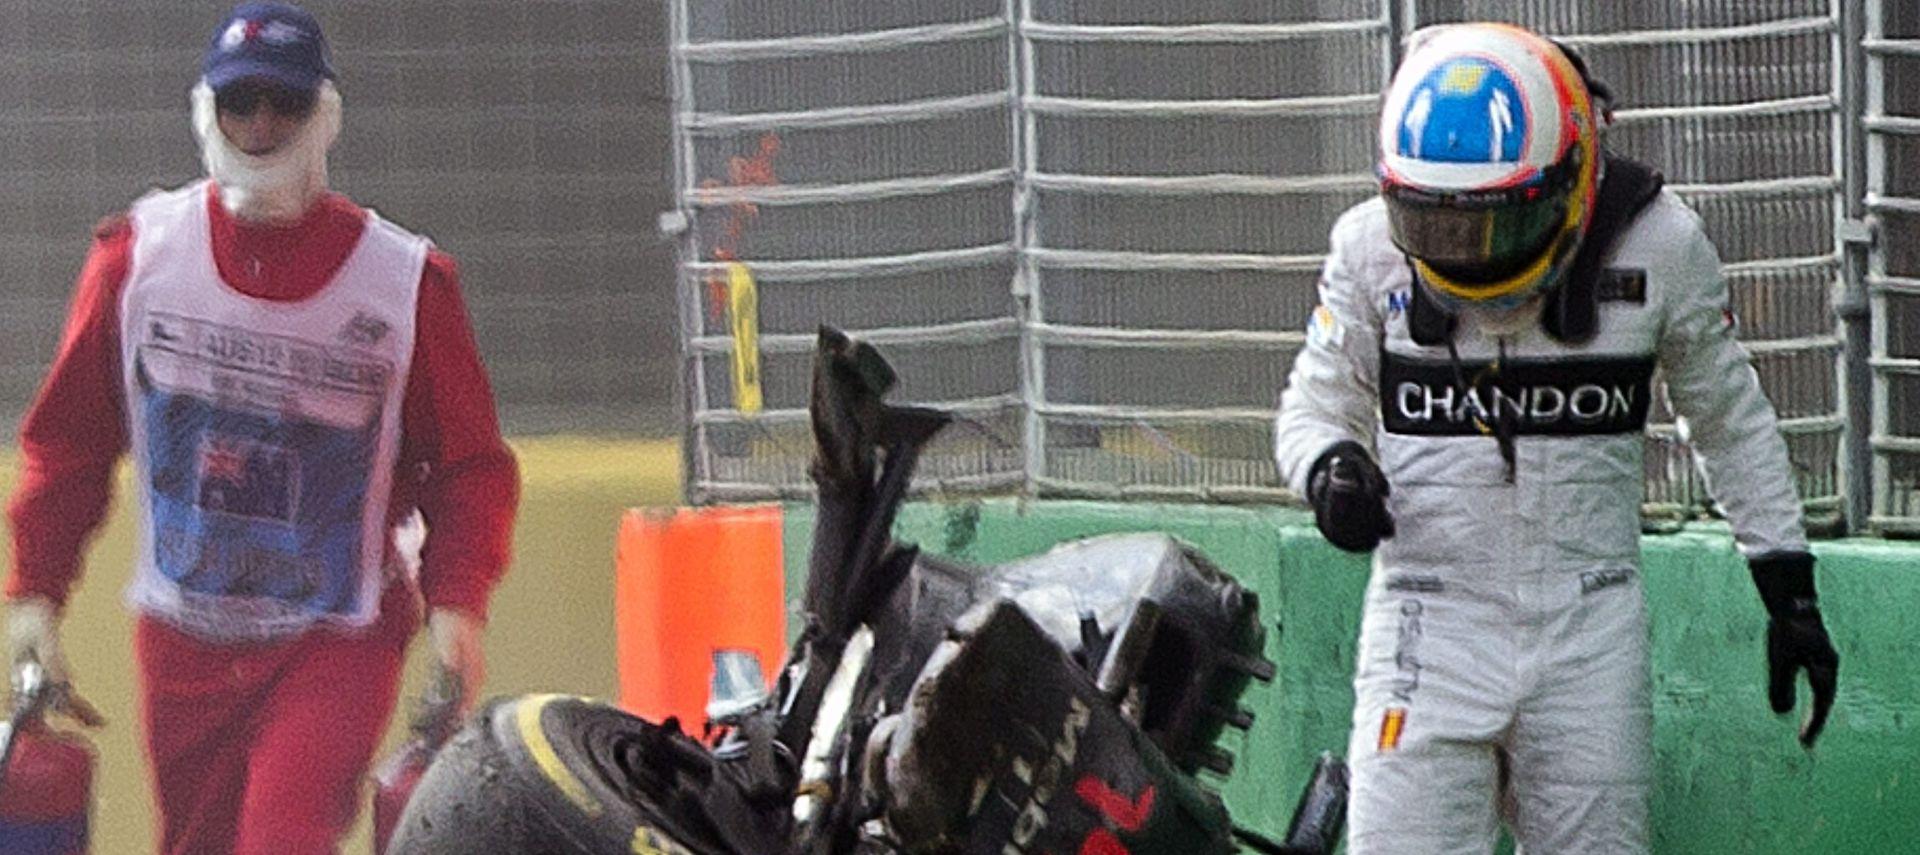 VN Australije: Pobjeda Rosberga, teška nesreća Fernanda Alonsa